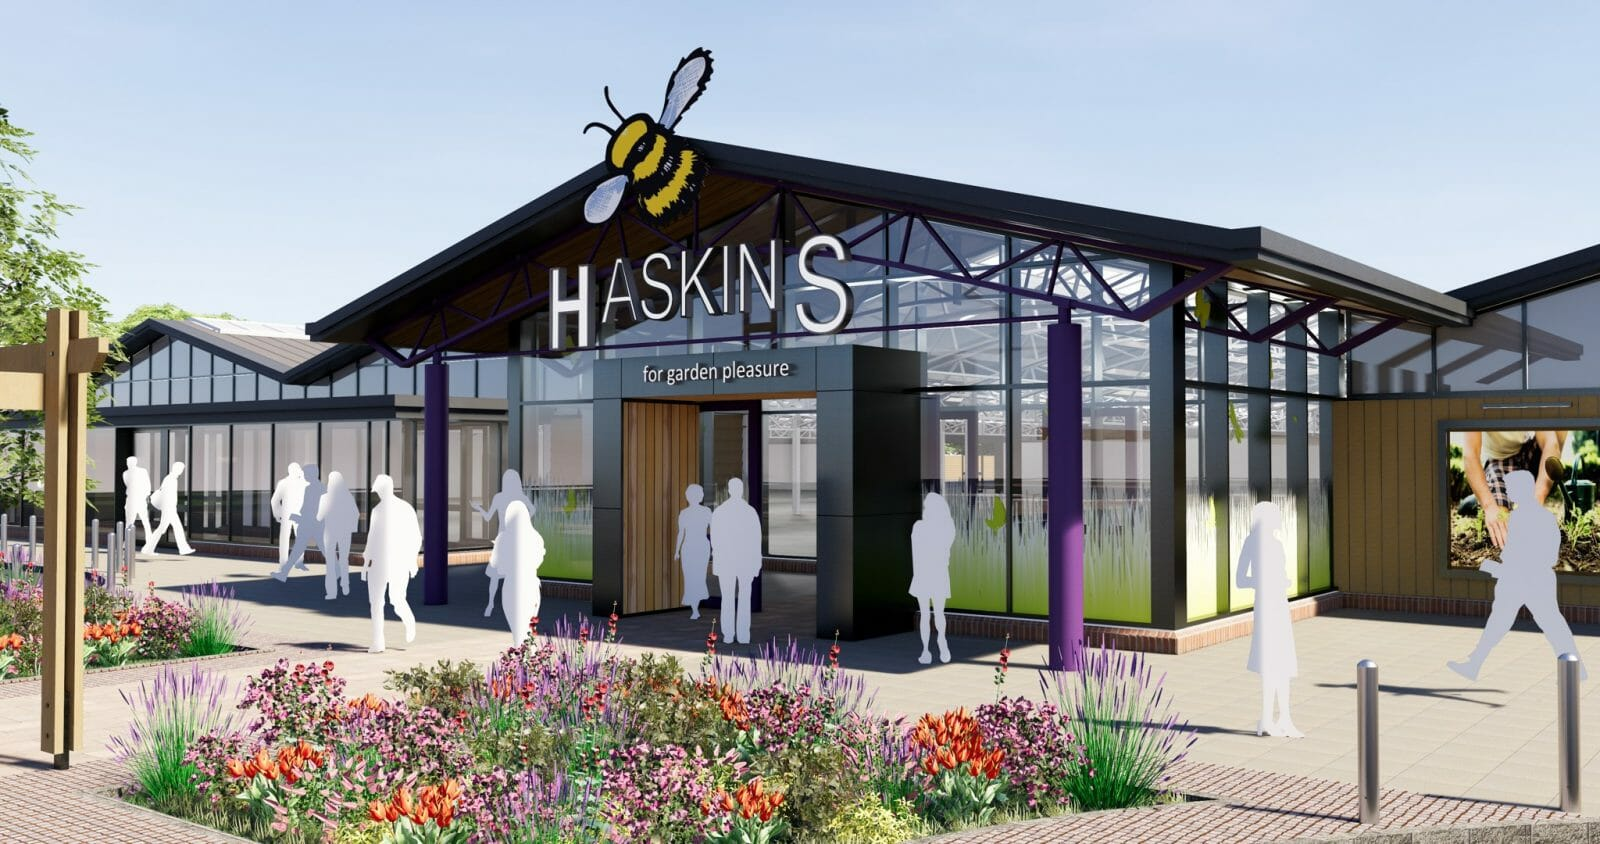 Haskins Garden Centre in Snowhill redevelopment